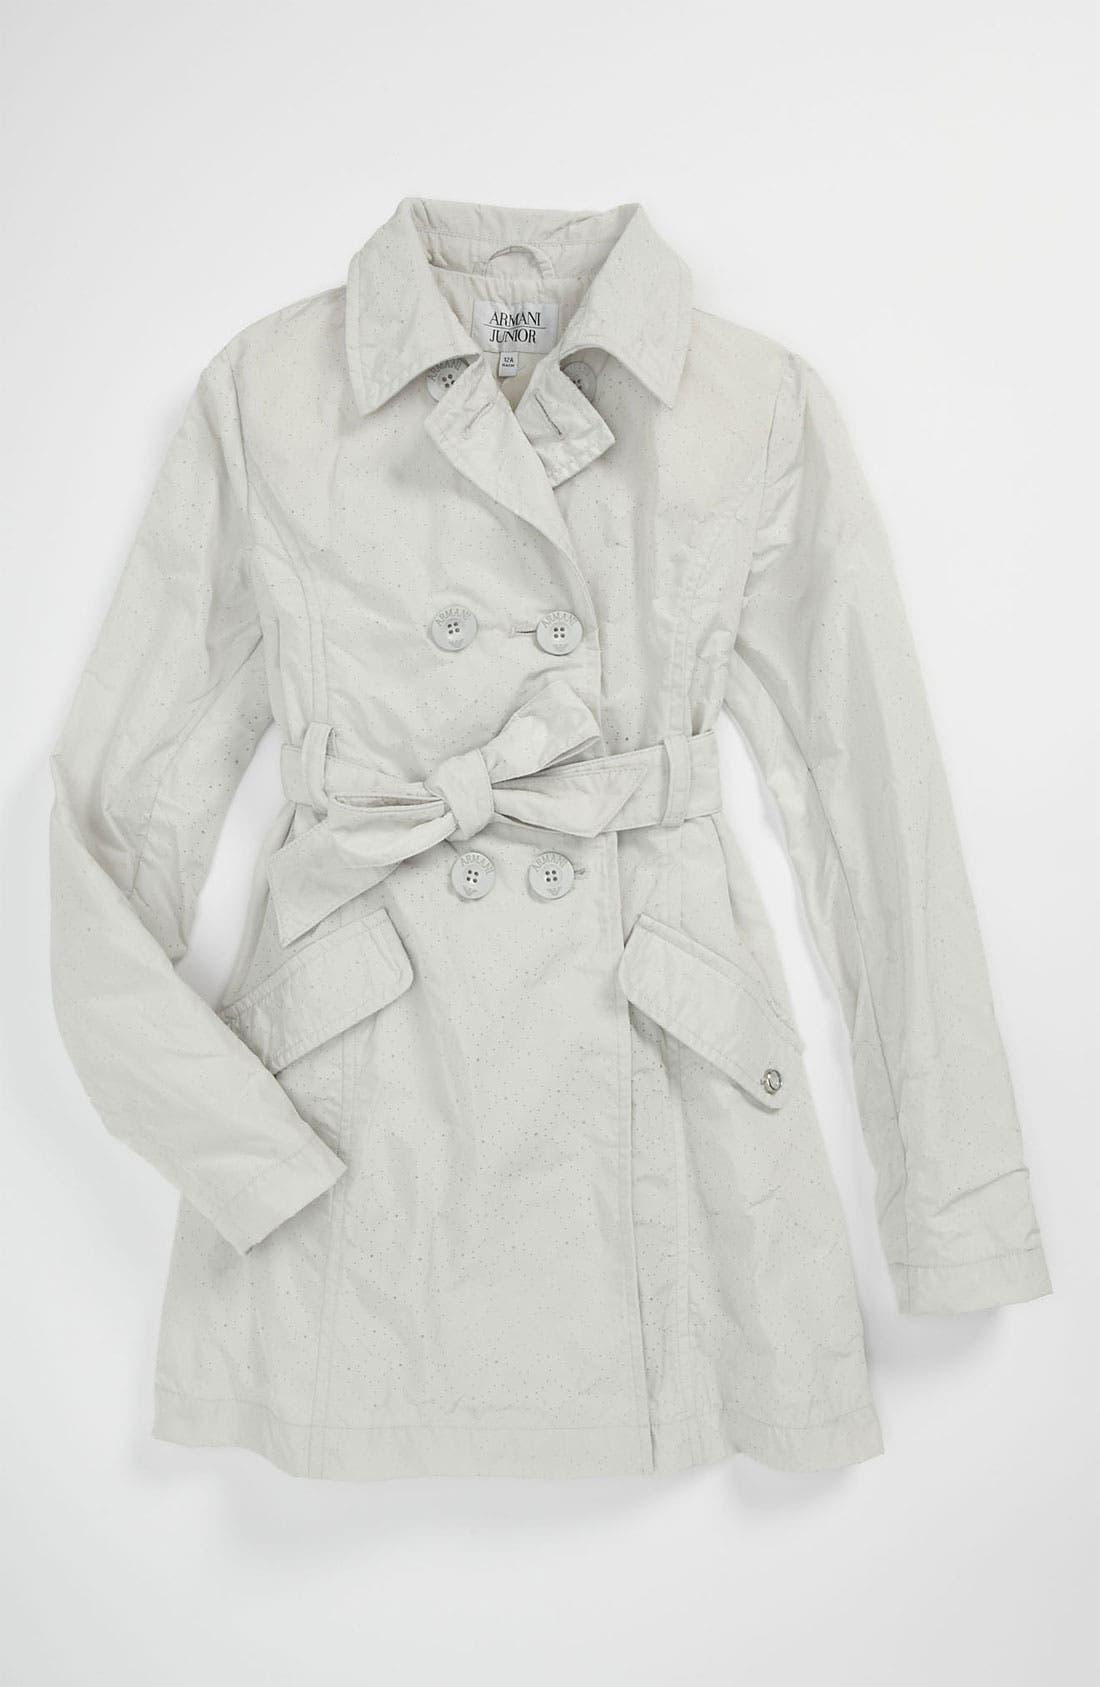 Alternate Image 1 Selected - Armani Junior Trench Coat (Big Girls)